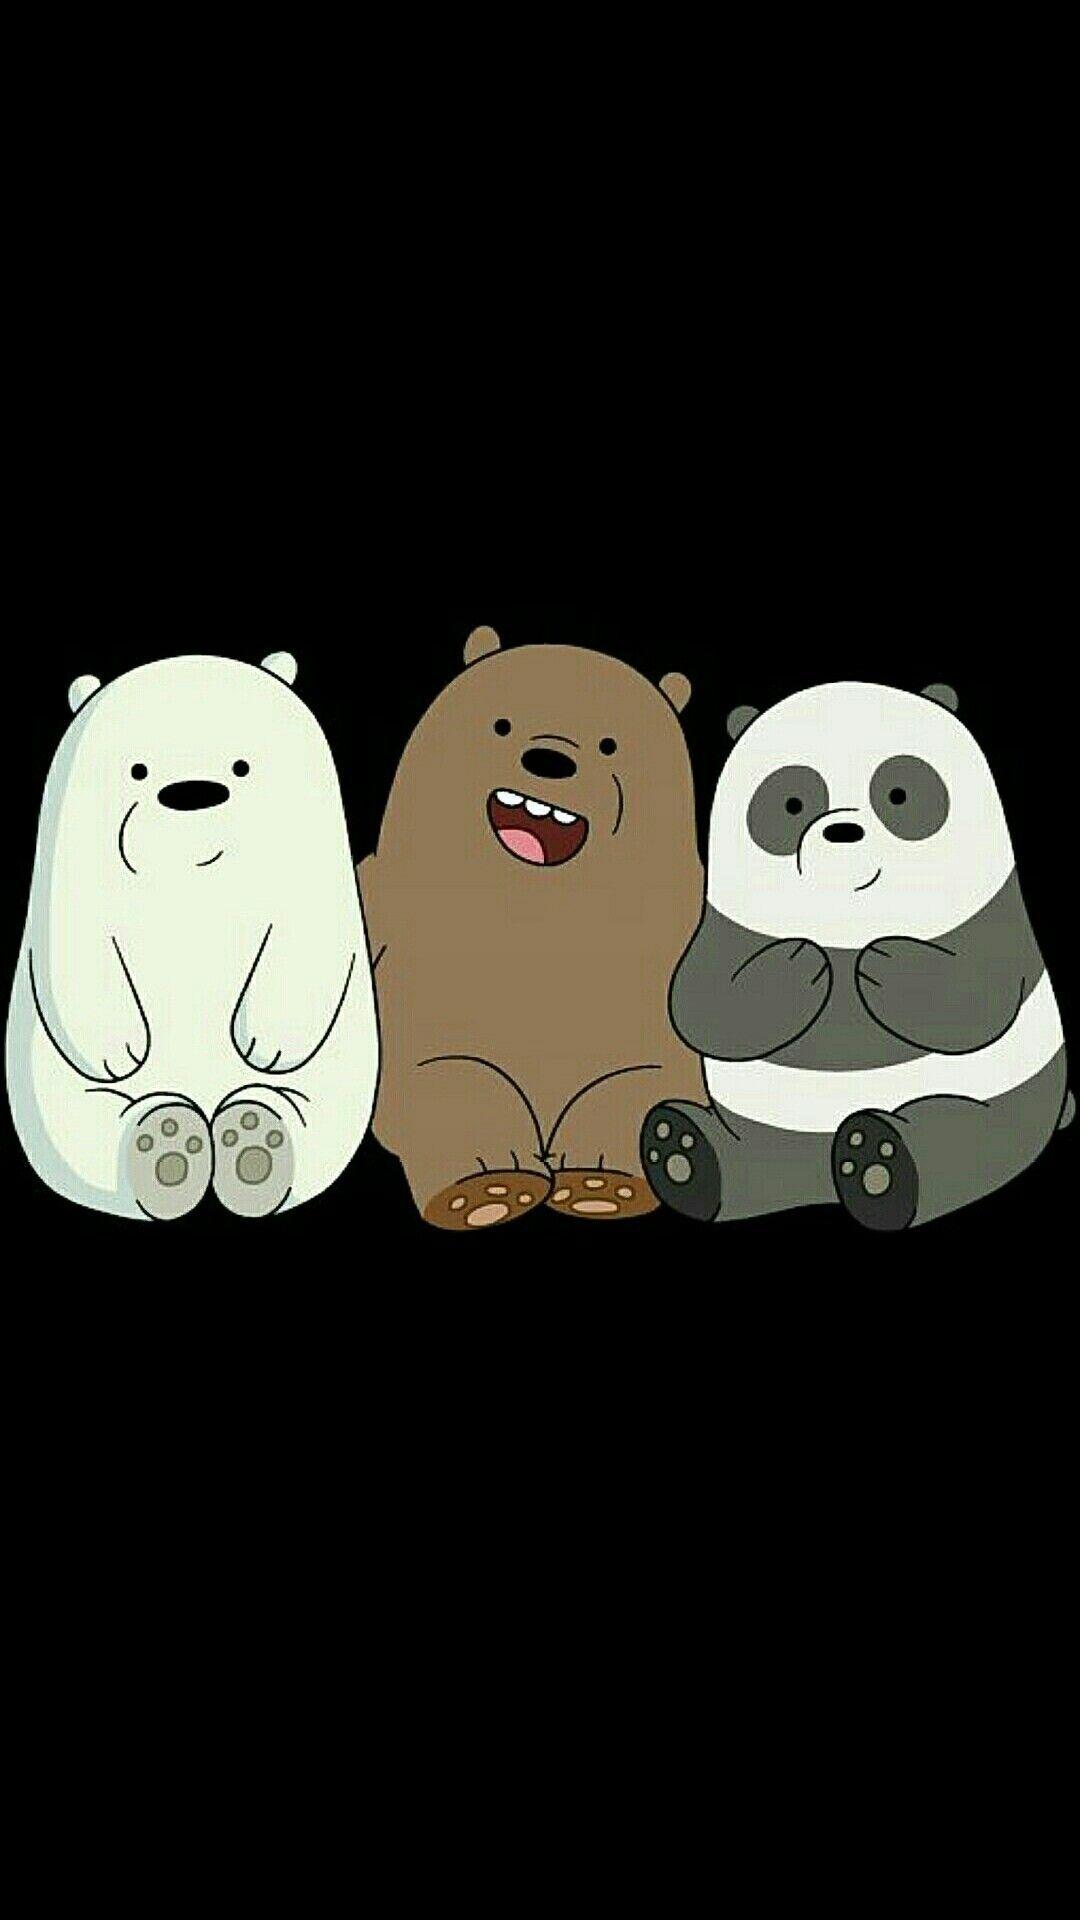 Panda We Bare Bears Wallpaper Black Background di 2020 ...